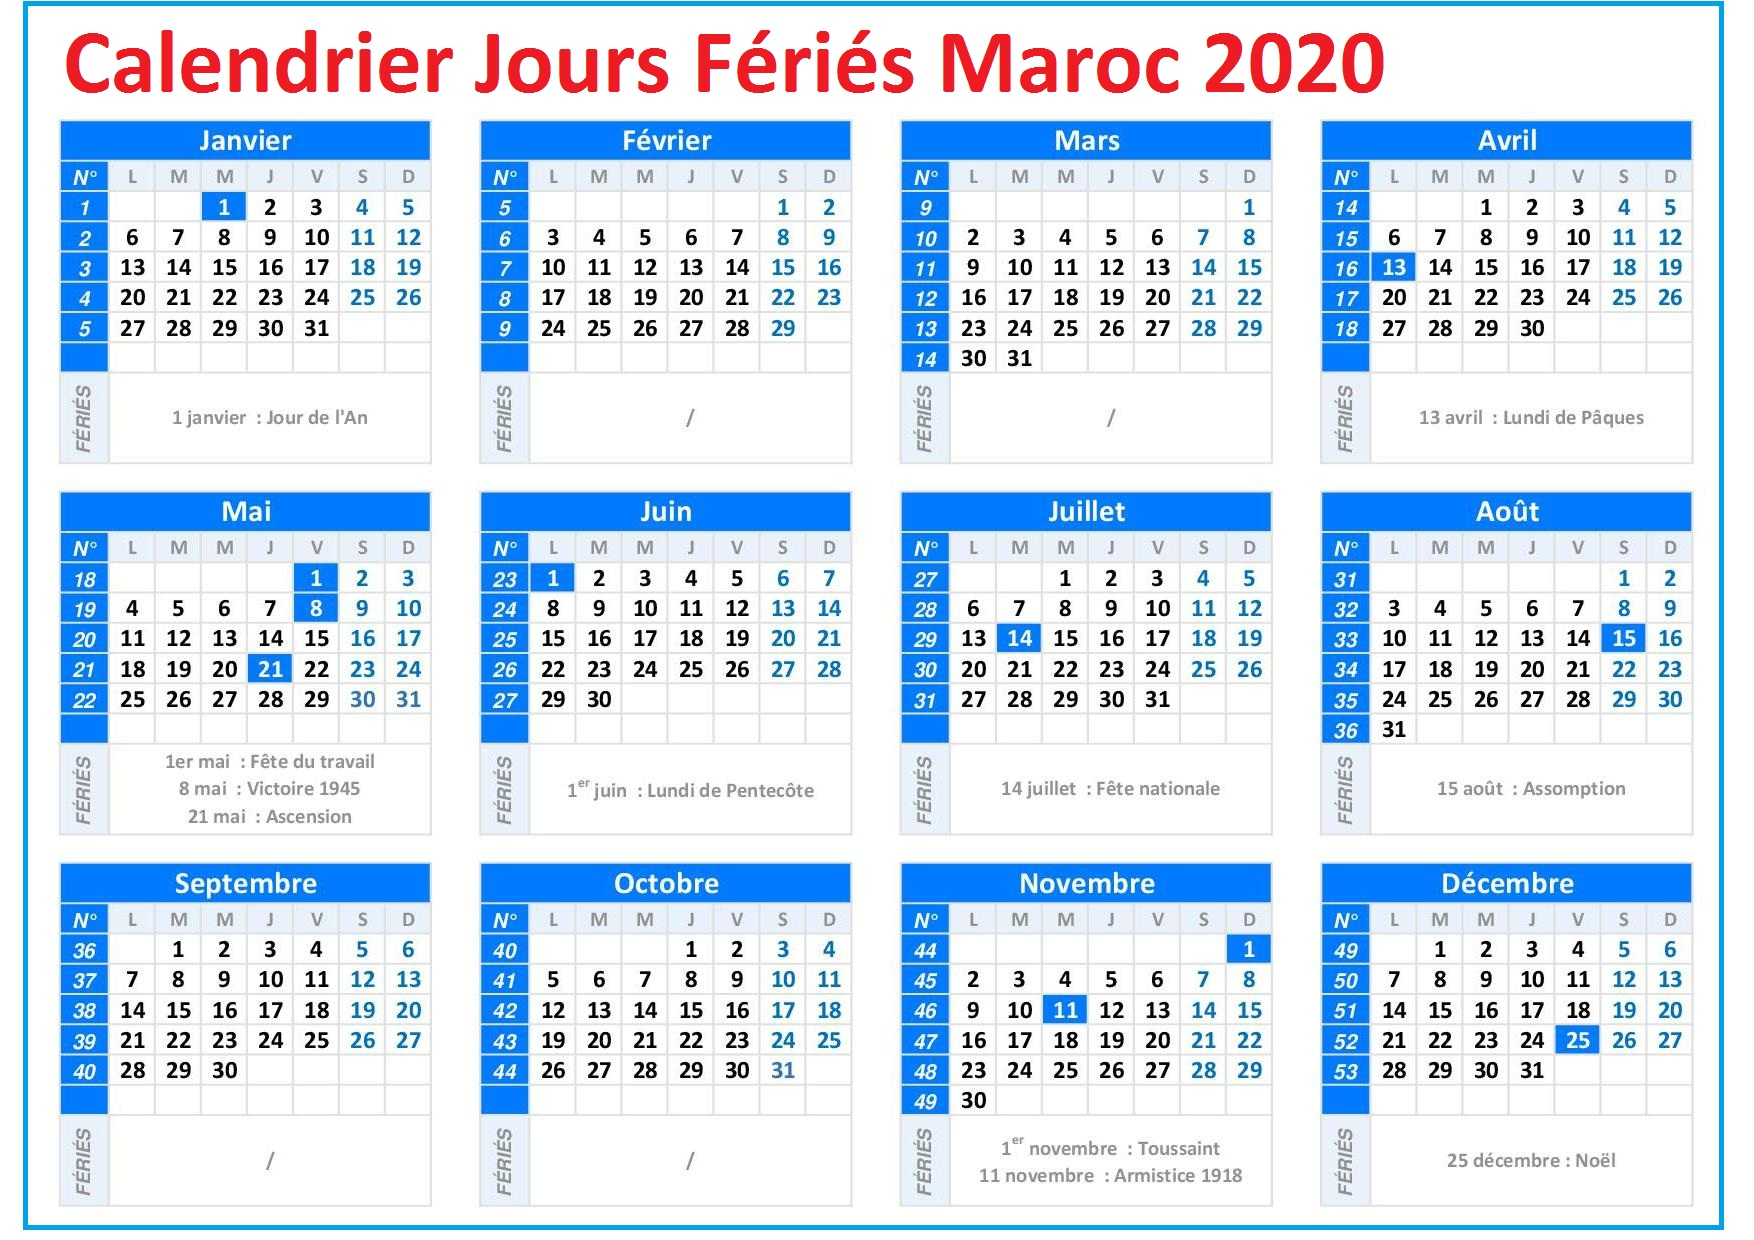 Calendrier Jours Fériés Maroc 2020 Et 2021 Imprimer